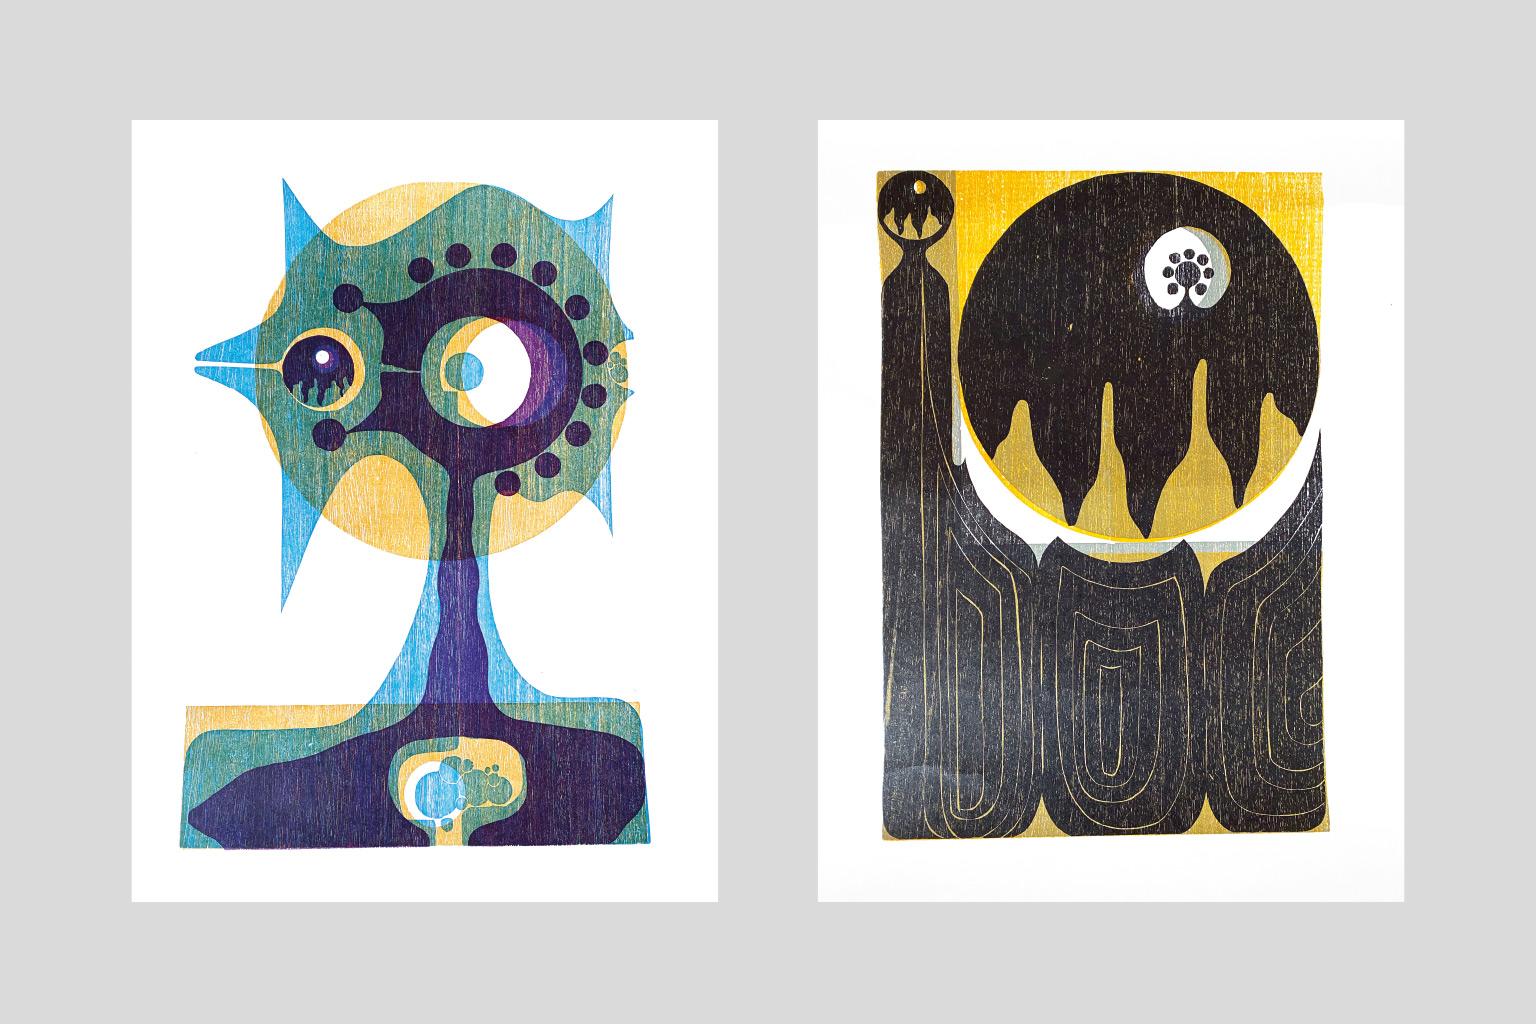 Holzschnitte von Manfred Degenhardt